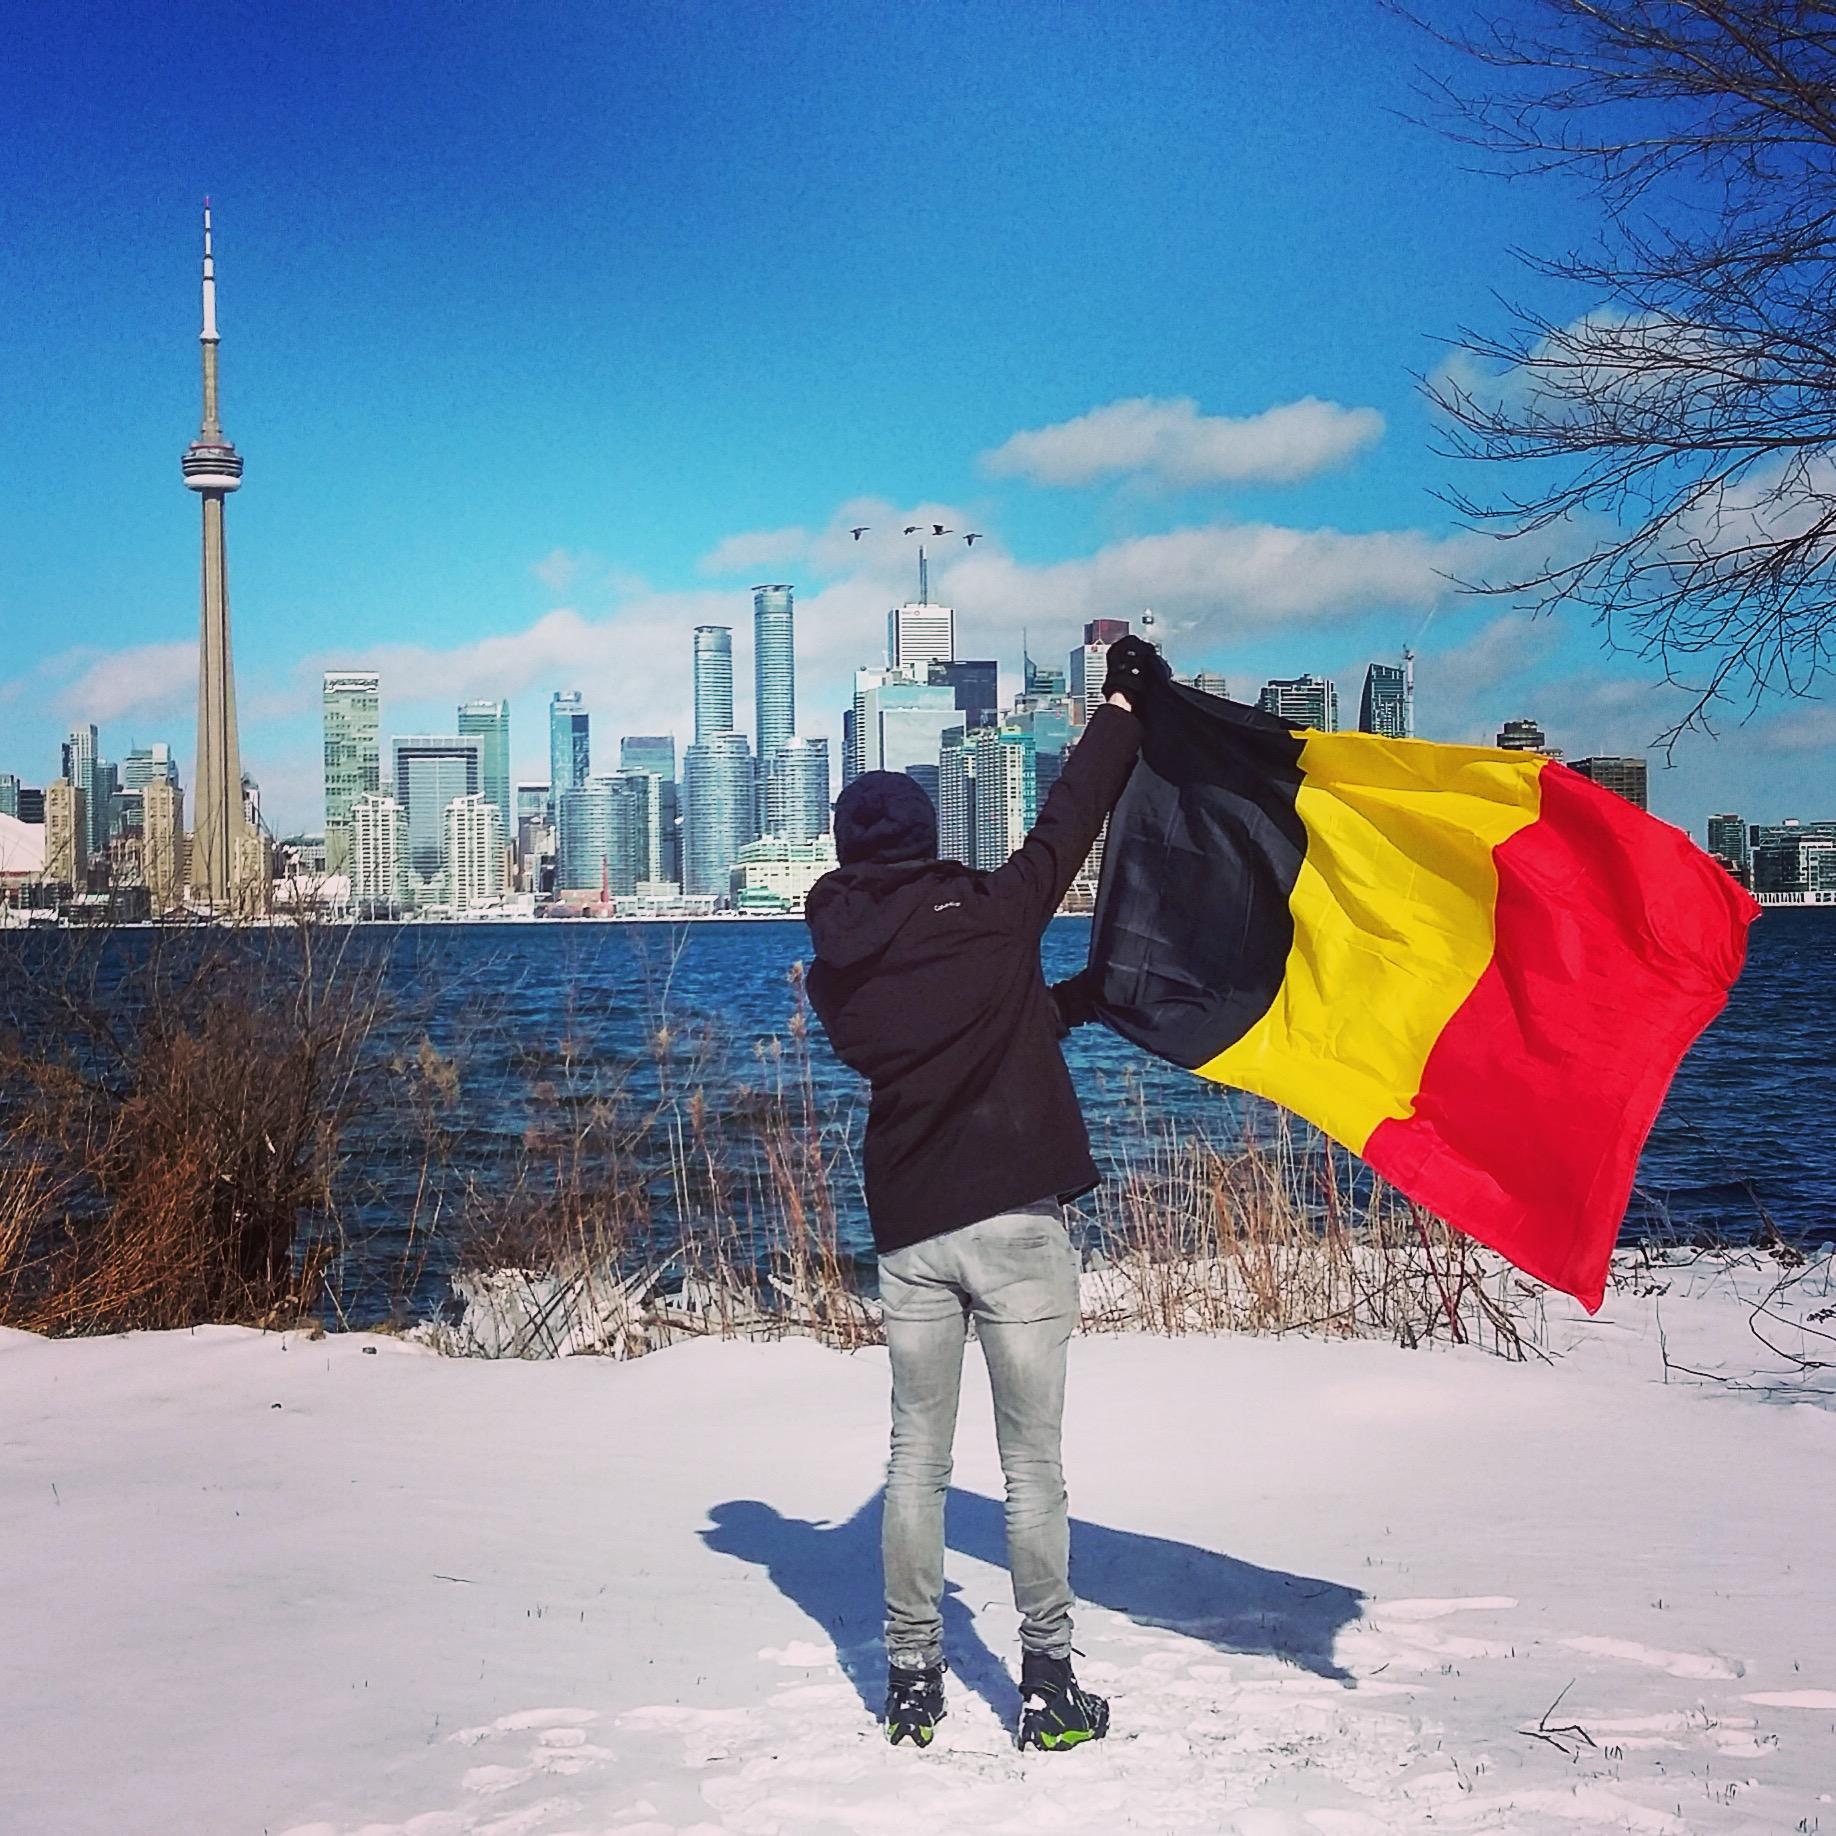 Une vidéo hyperlapse sur Montréal réalisée par Traversée d'un monde